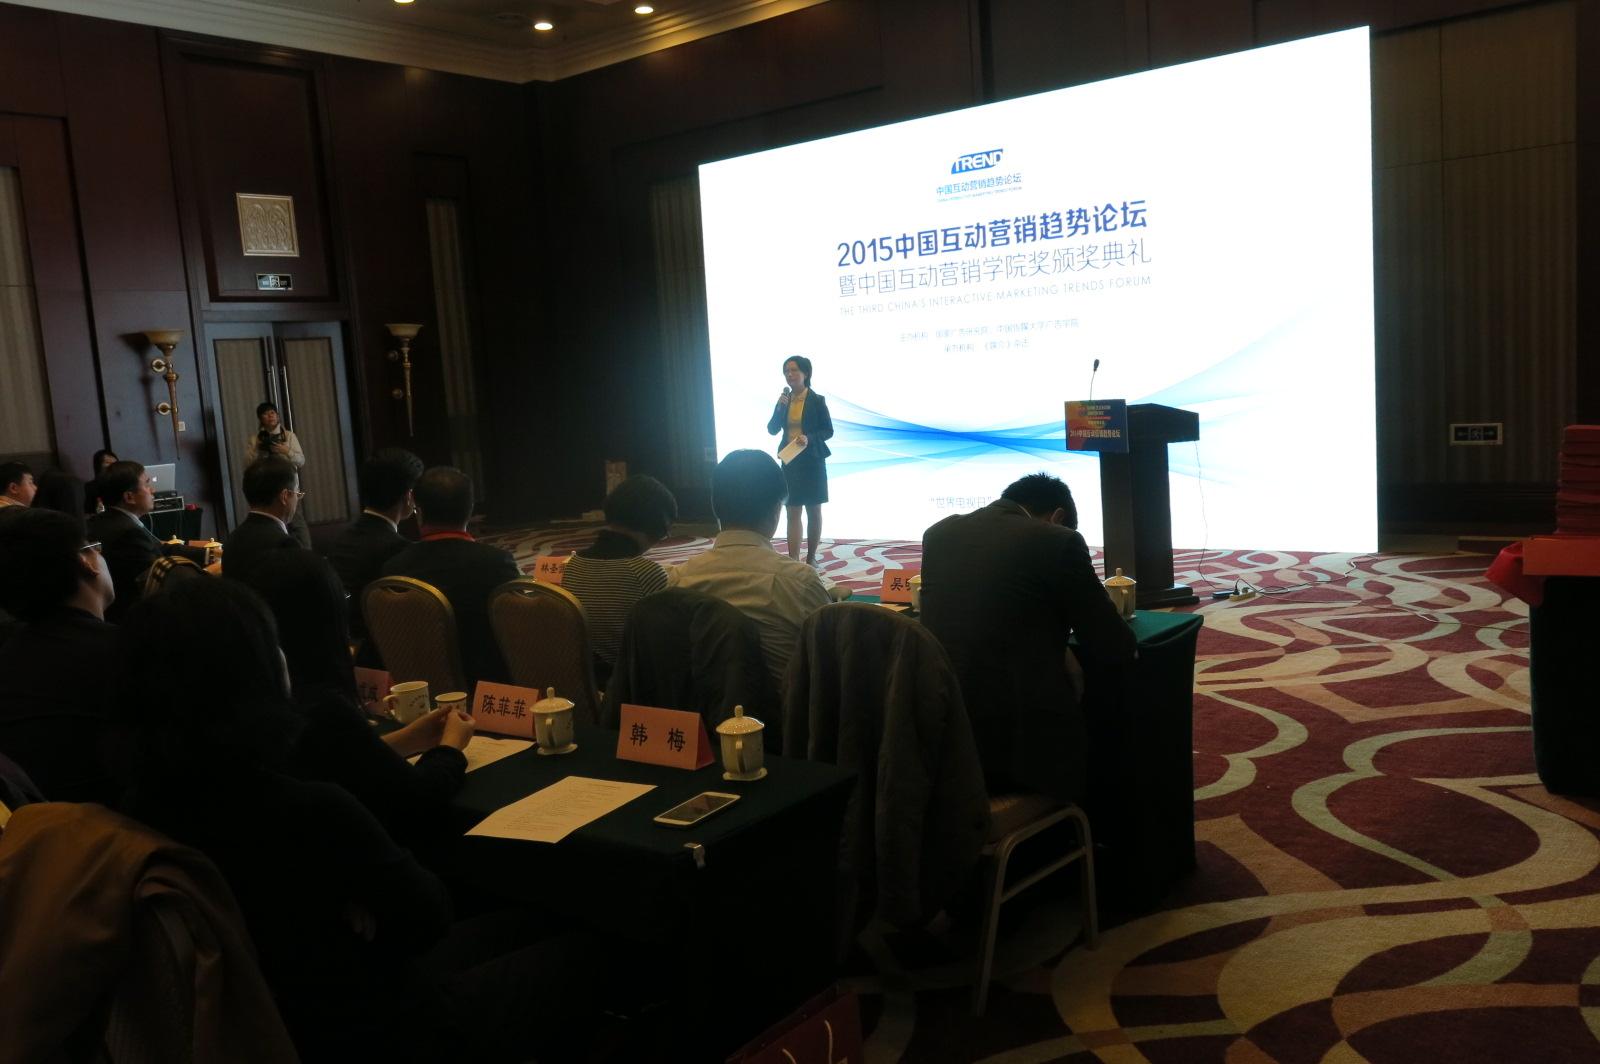 错过了2015中国互动营销趋势论坛?放心,干货都在这里!